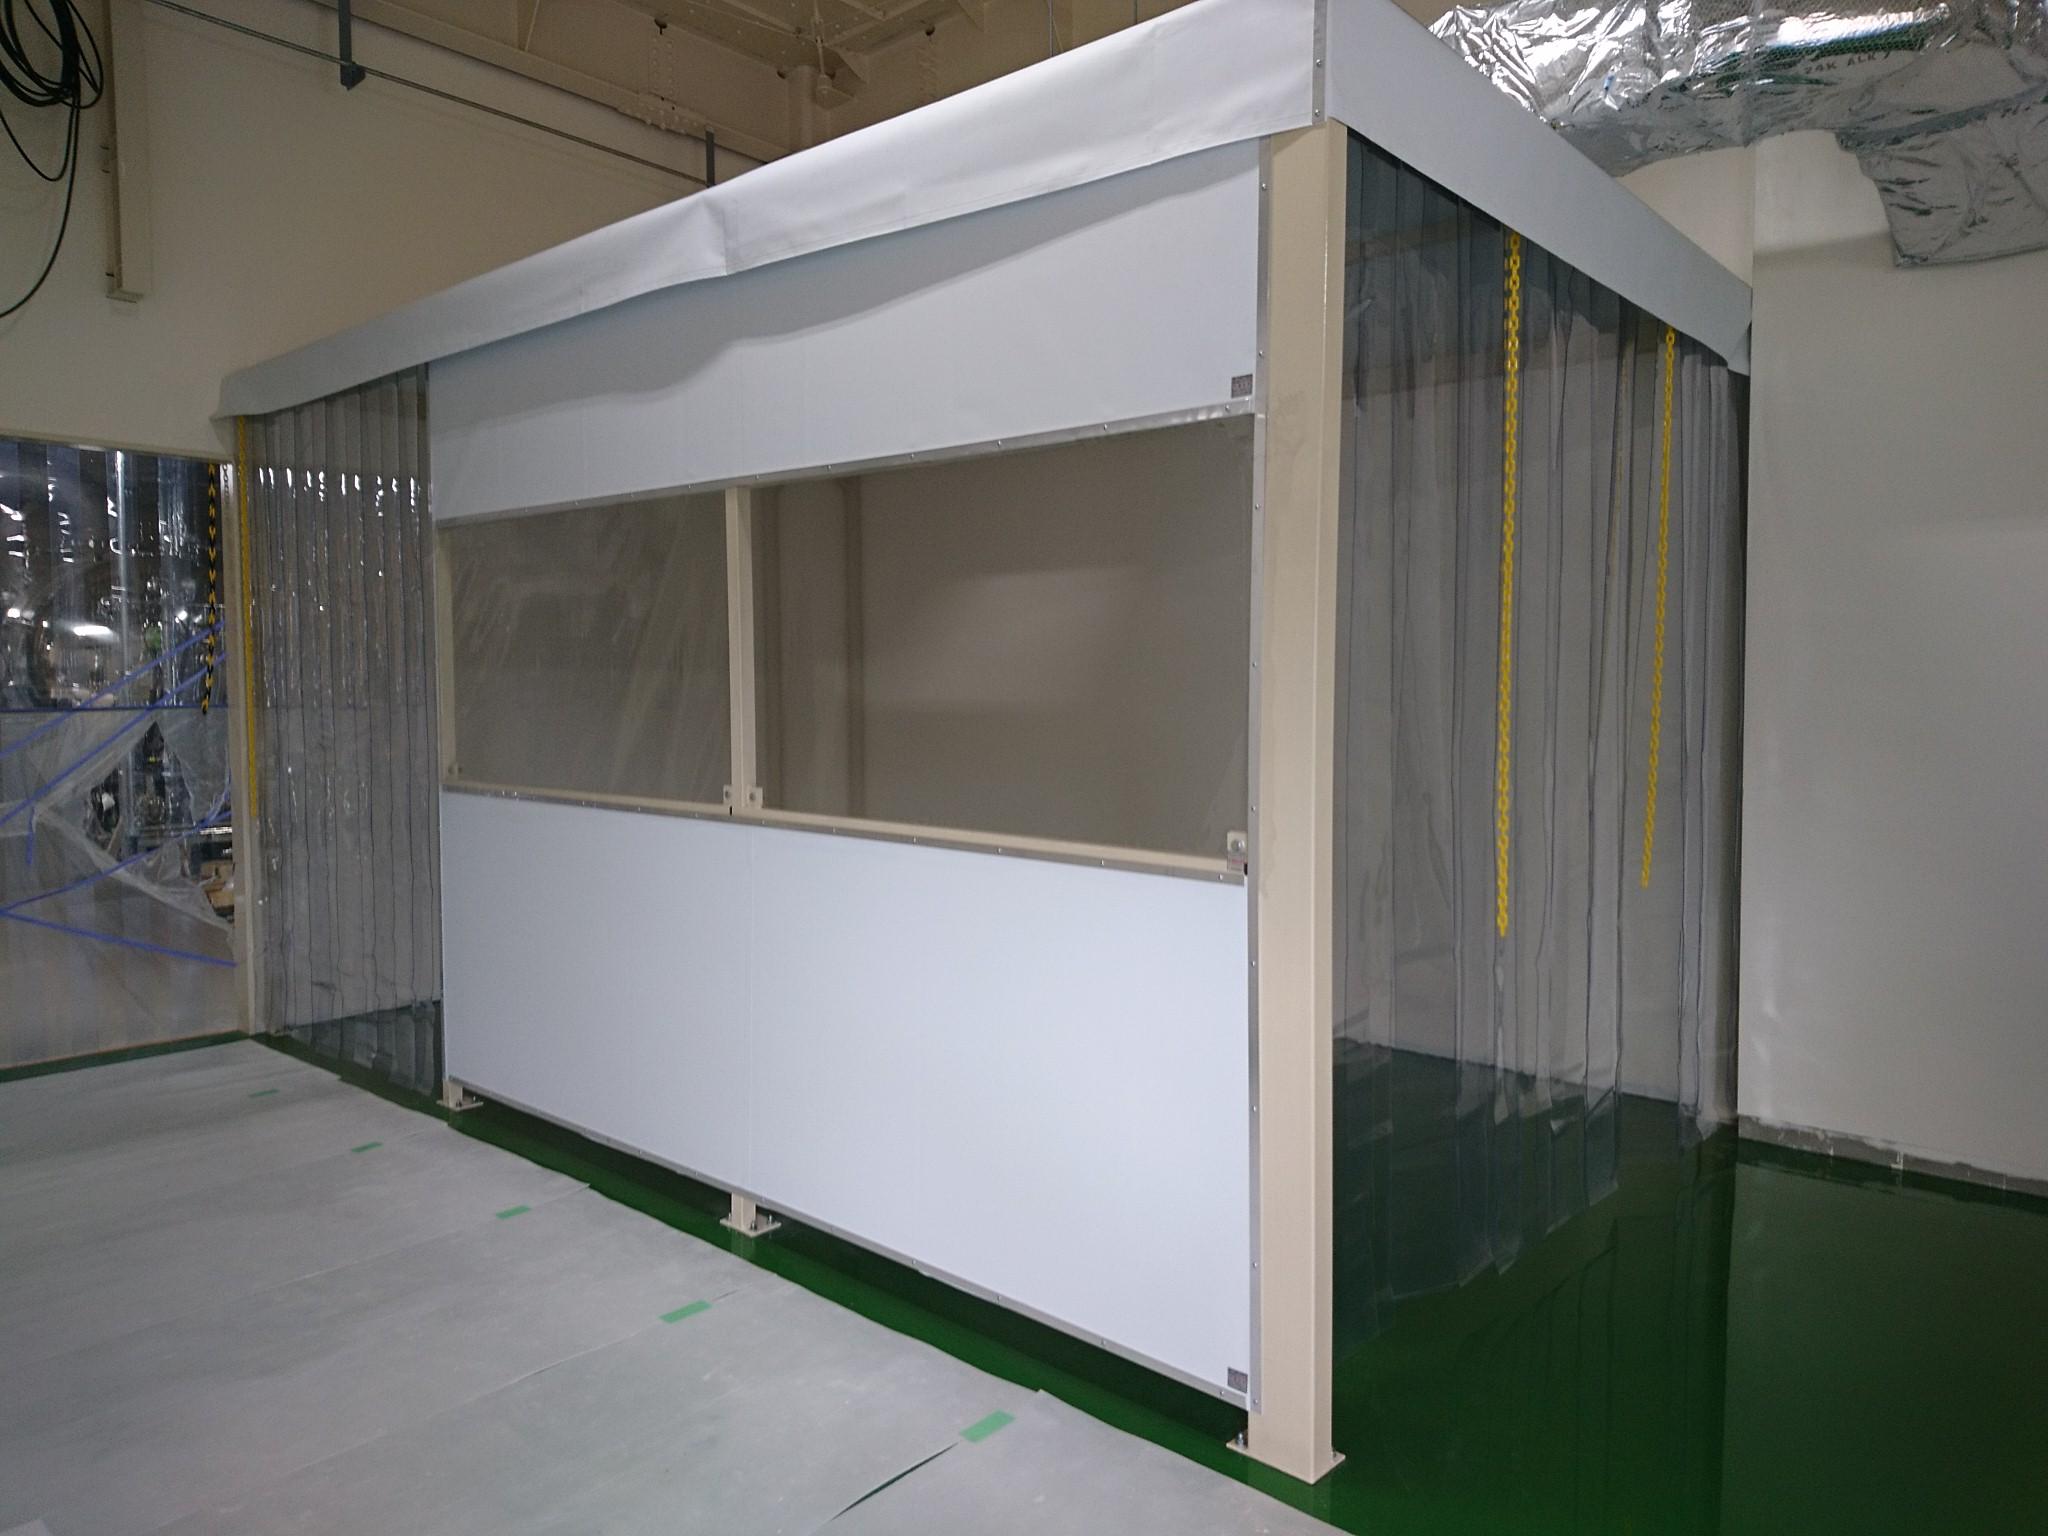 間仕切りブース+のれんカーテン可動式